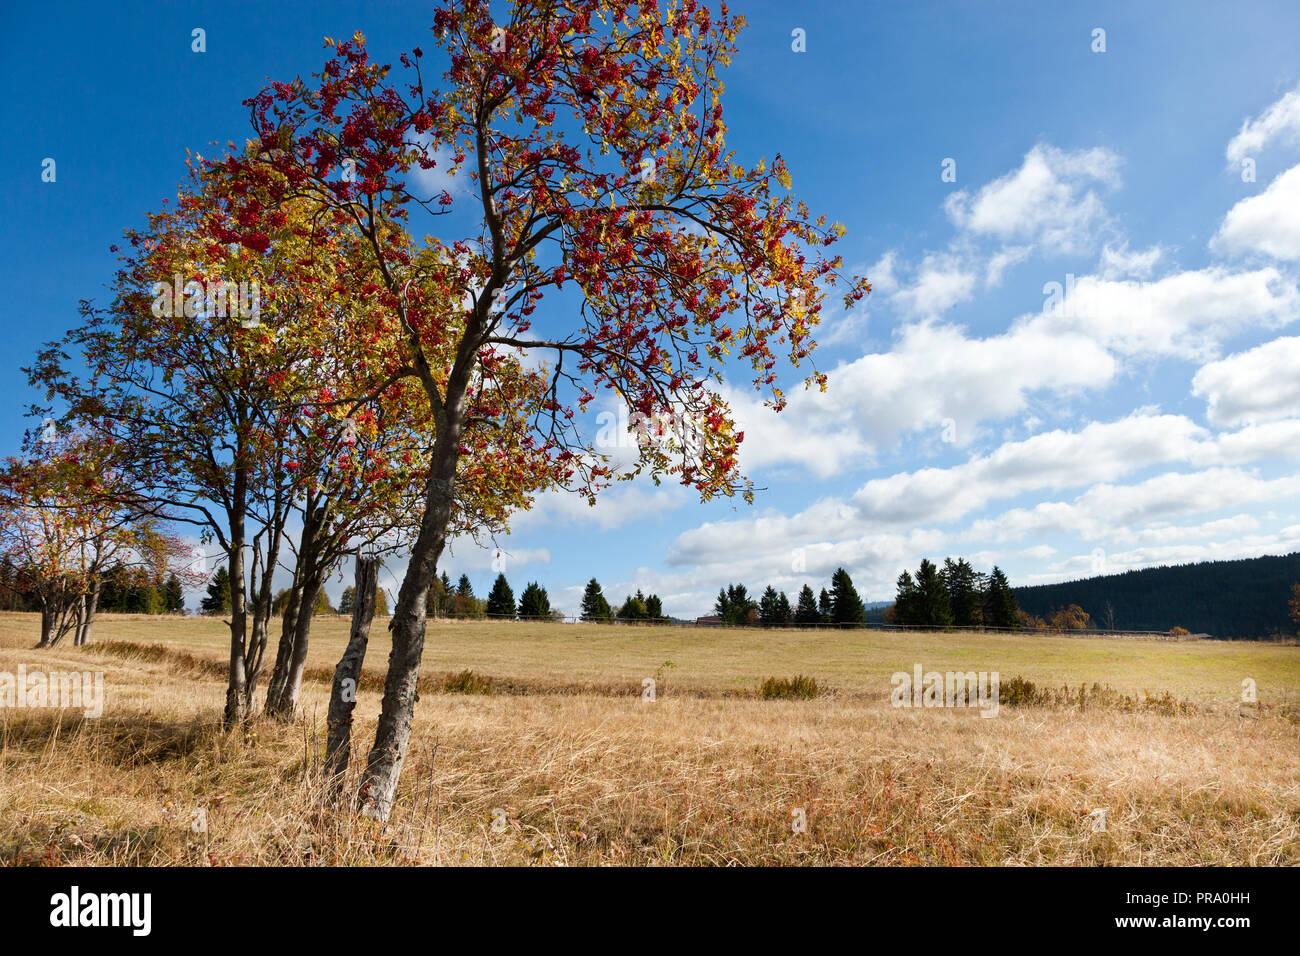 Hřebečná, Abertamy, Krusne hory, Ceska republika /  Abertamy, Hrebecna, Krusne hory mountains (Ore Mountains), Czech republic - Stock Image